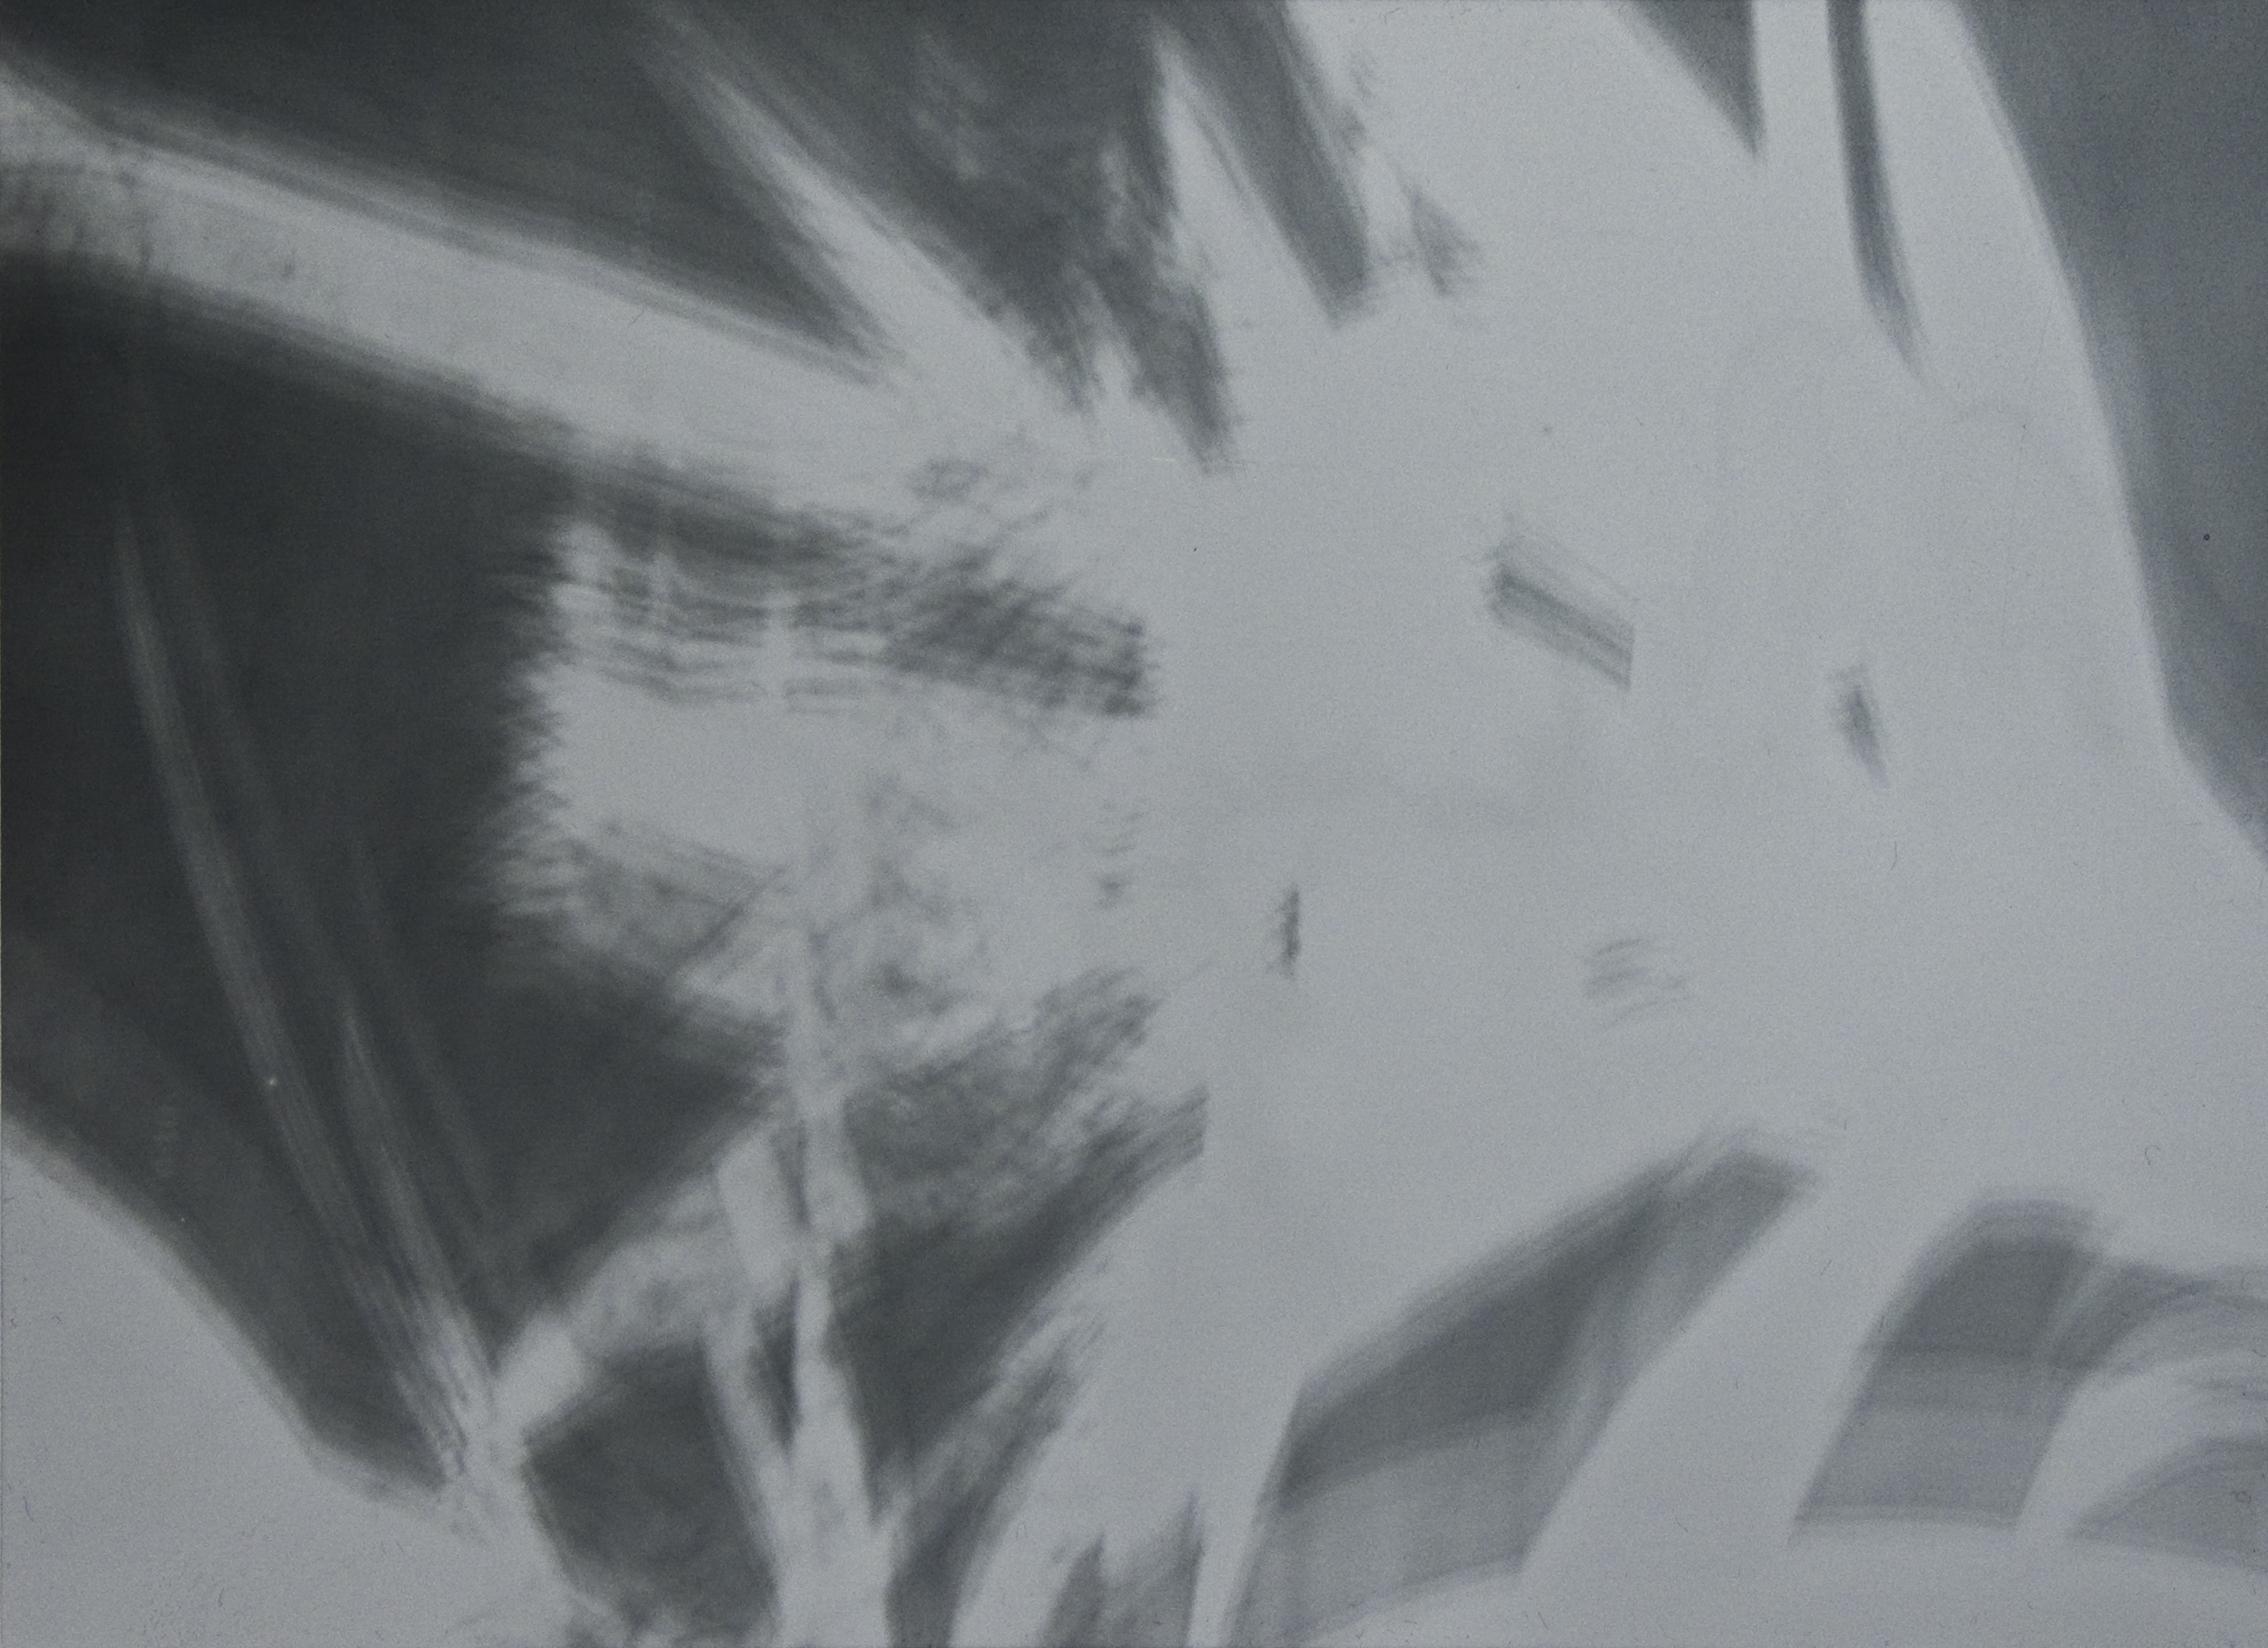 Pflanze im Scheinwerferlicht, Fotogramm auf Dokumentenpapier